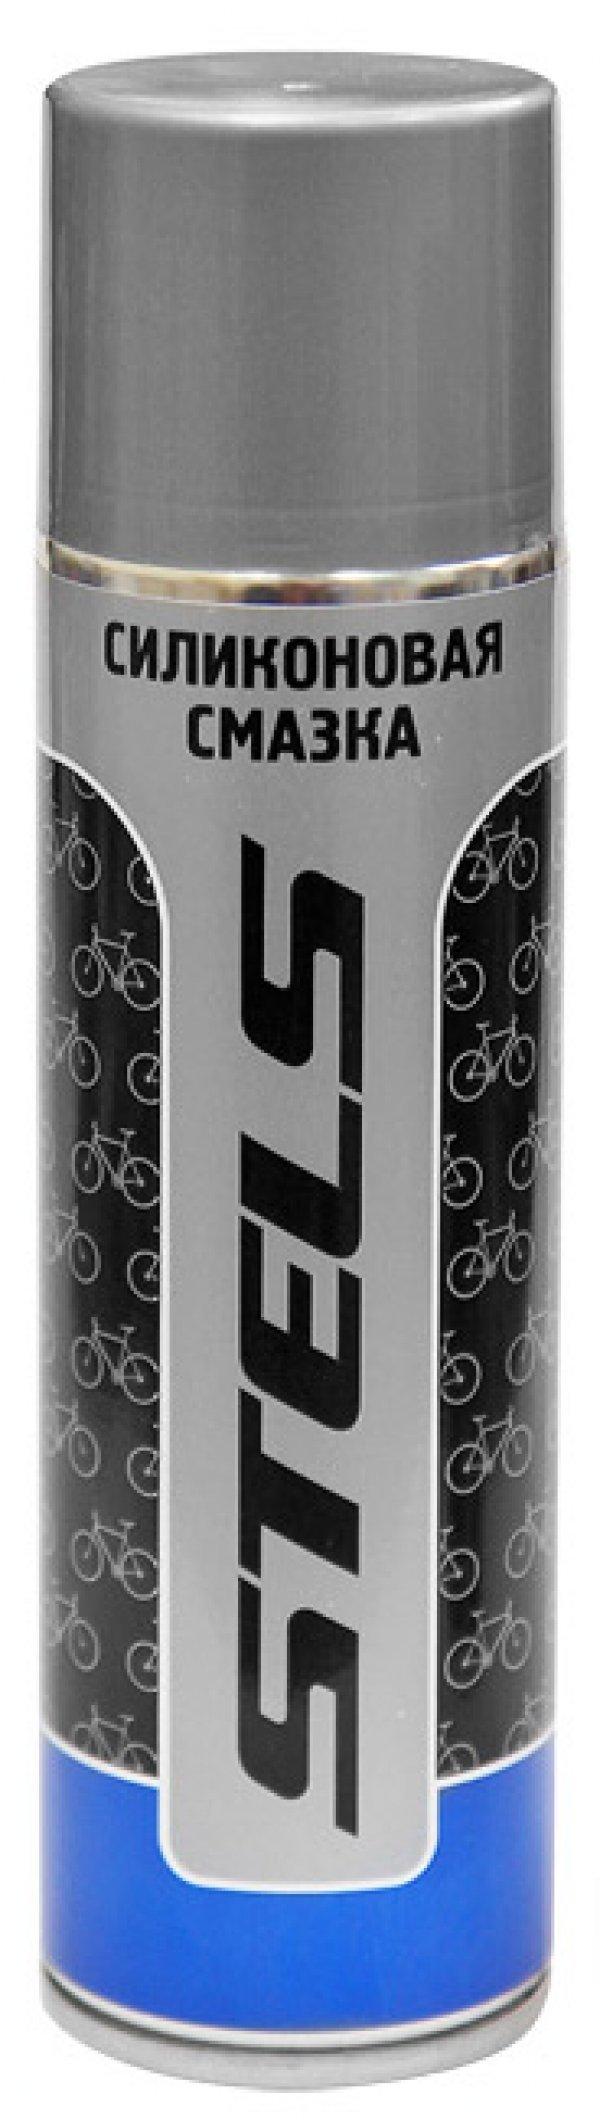 Купить Смазка силиконовая Stels в интернет магазине велосипедов. Выбрать велосипед. Цены, фото, отзывы